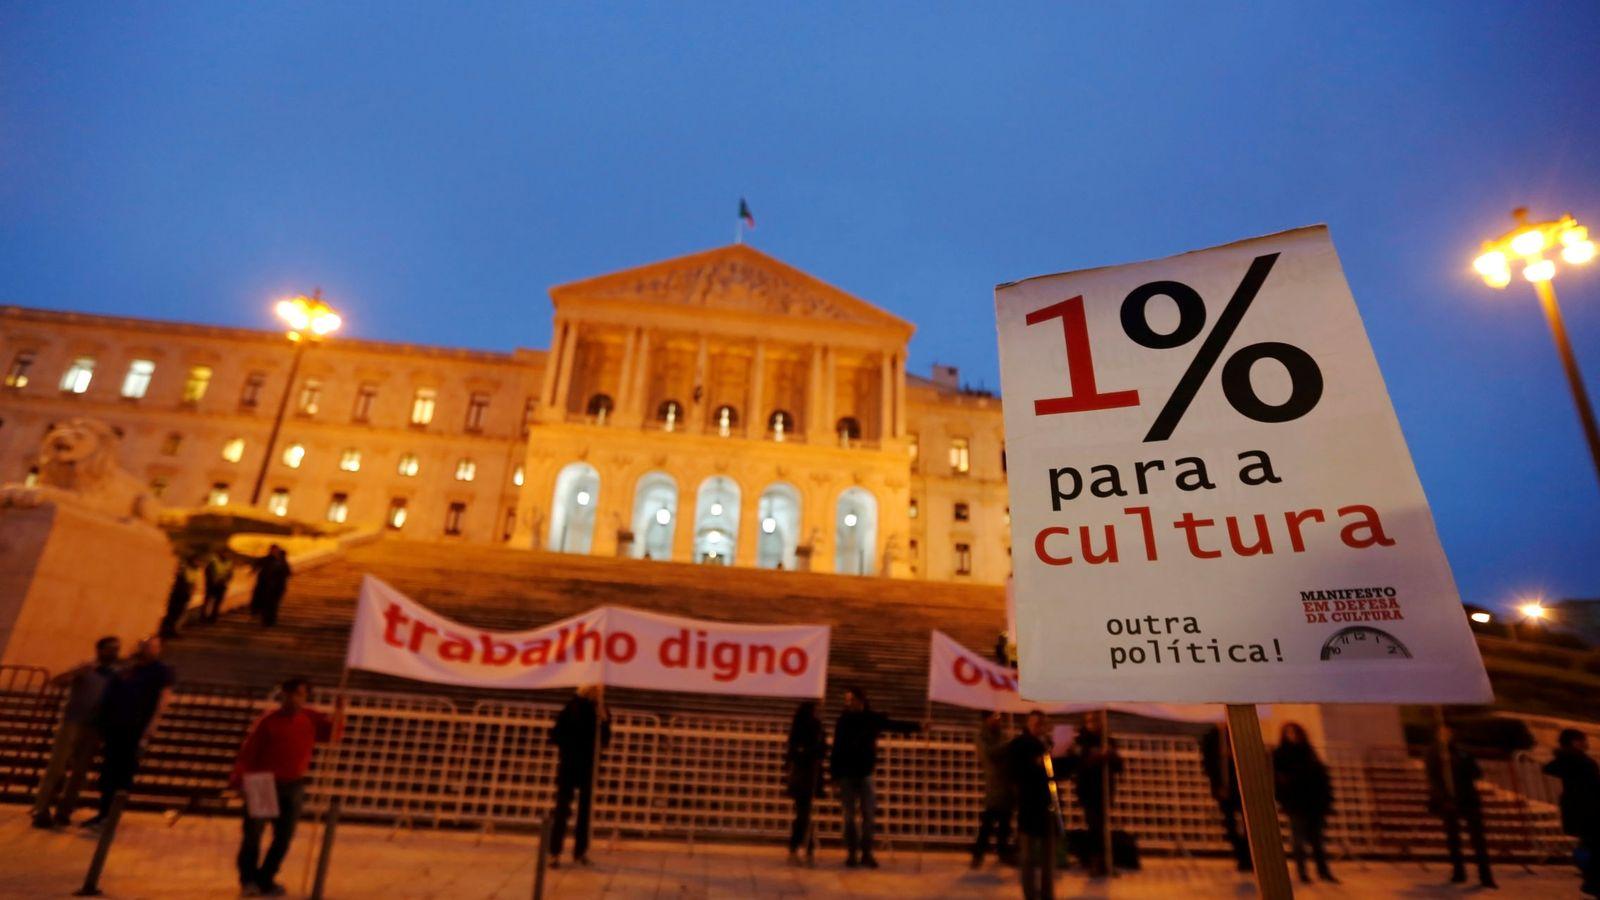 Noticias de Europa: Mediación y creatividad: por qué Portugal es ...